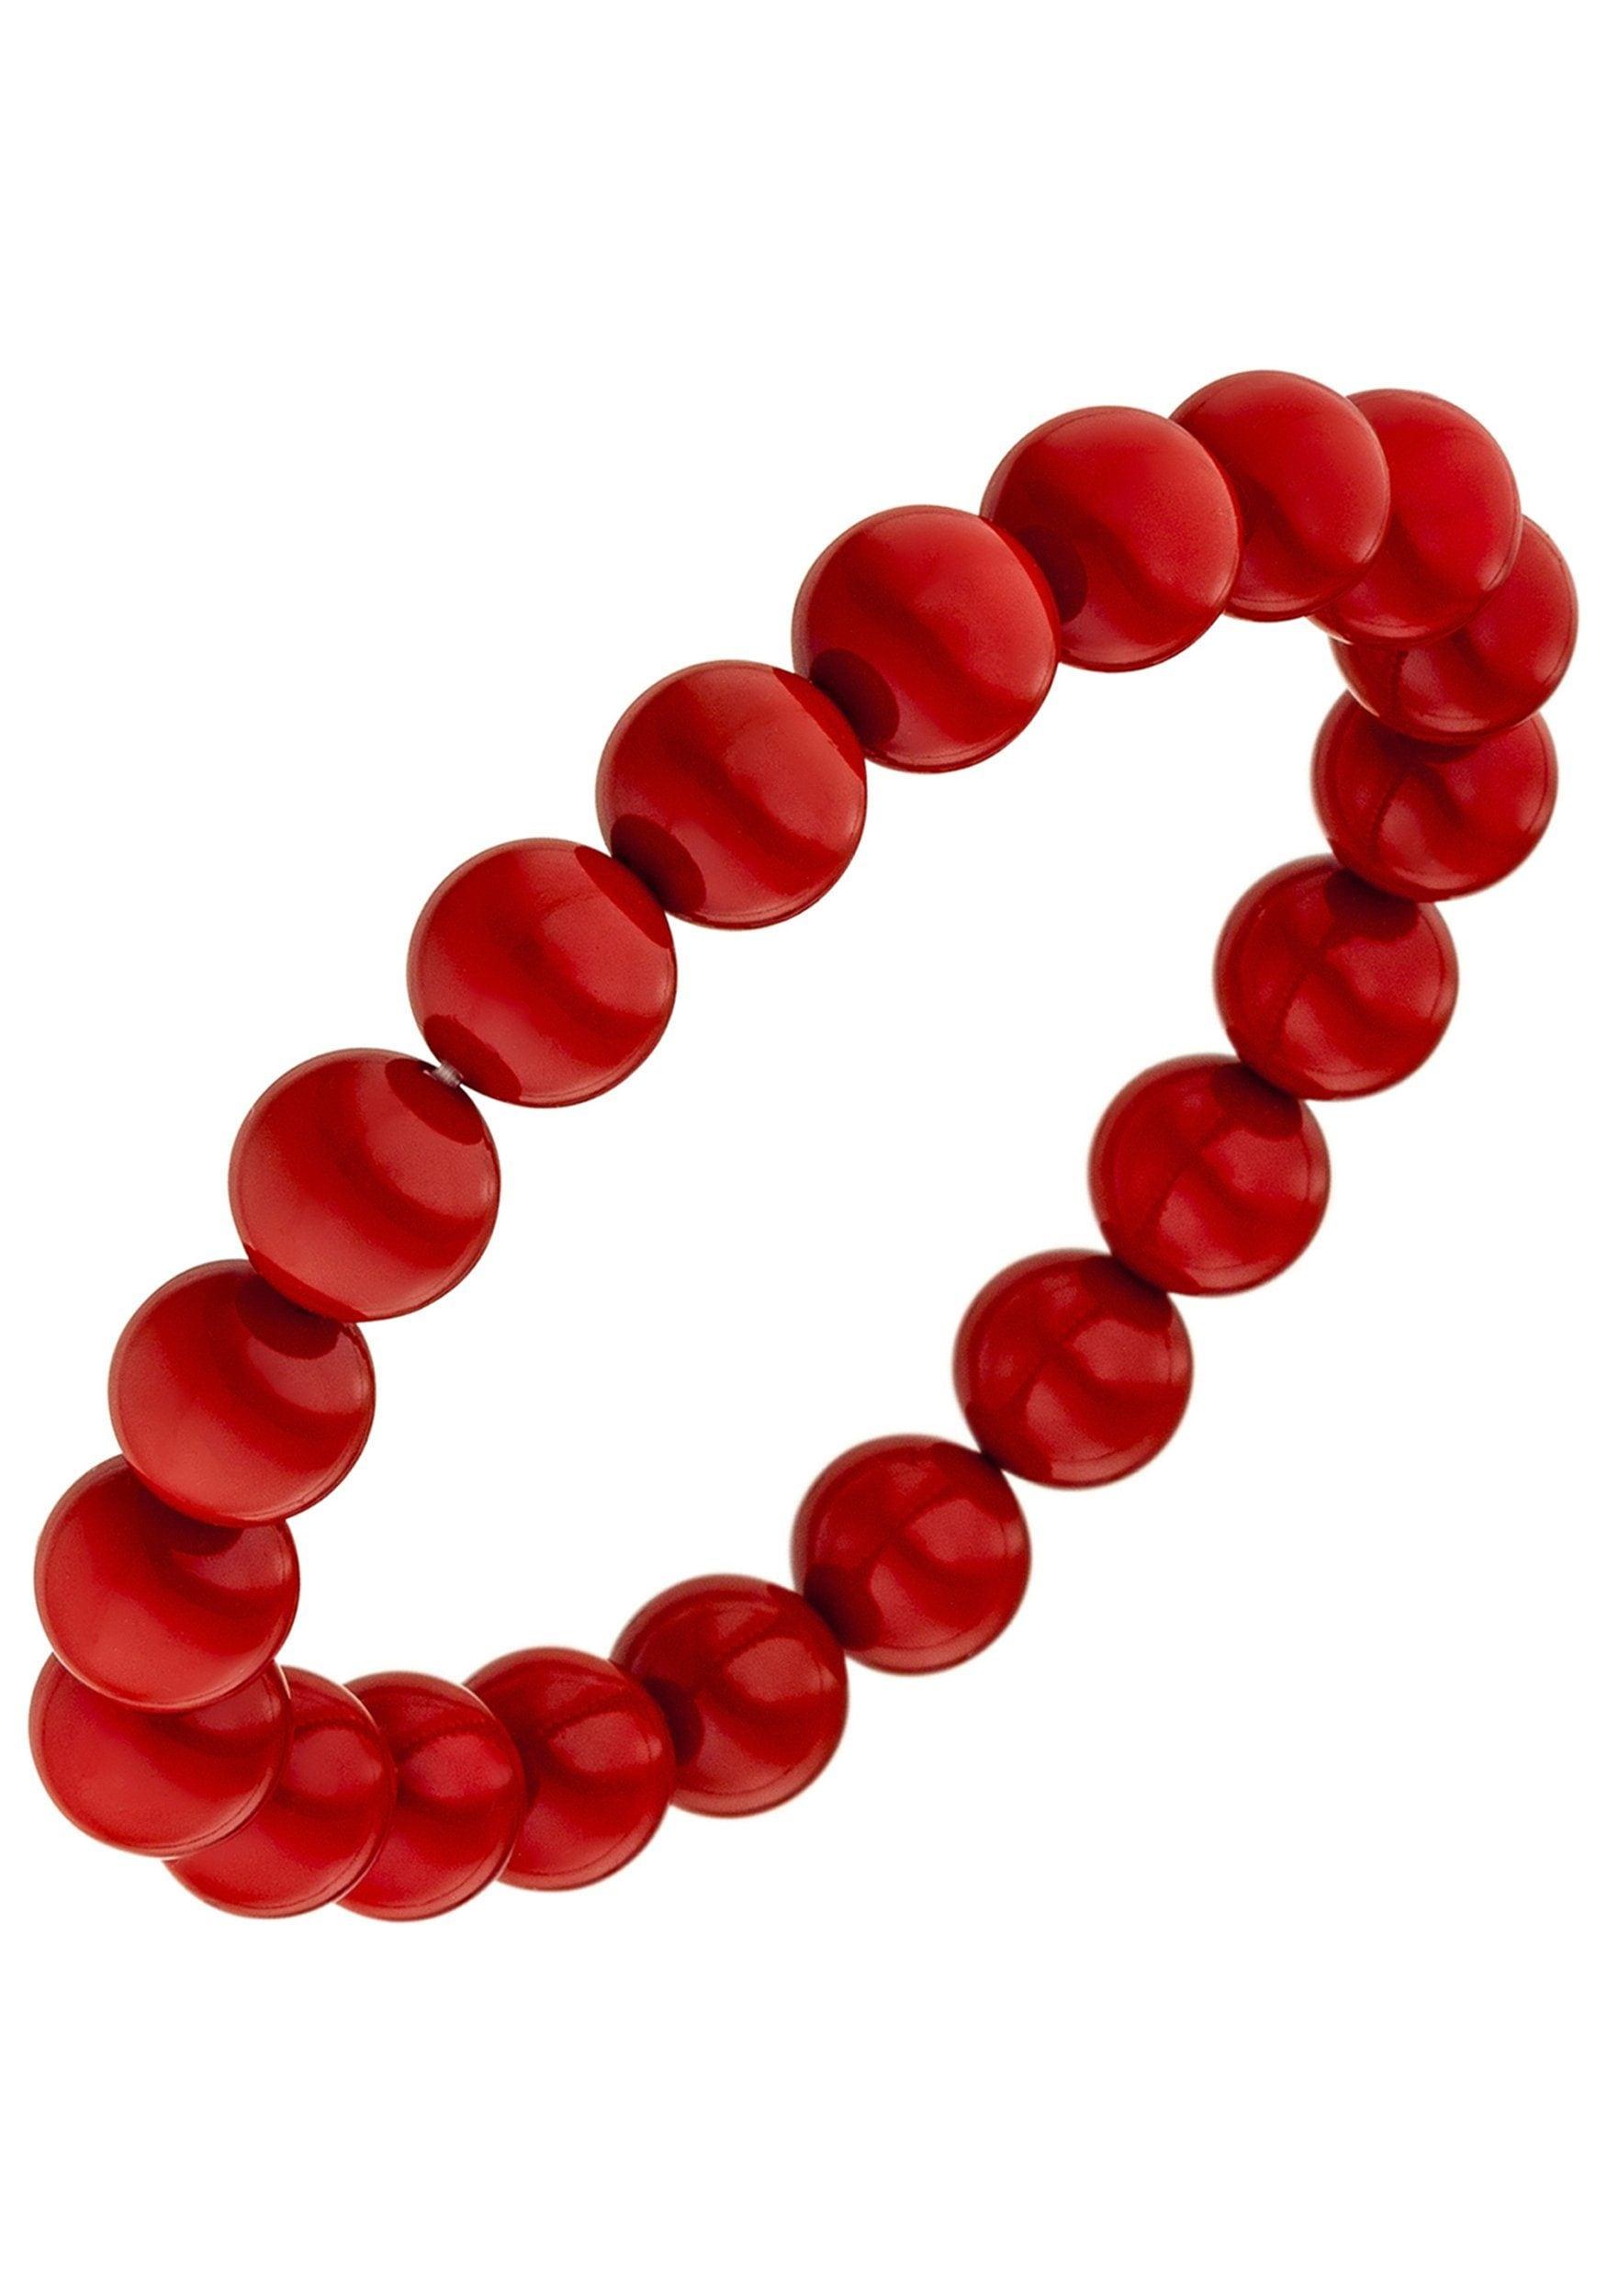 JOBO Perlenarmband | Schmuck > Armbänder > Perlenarmbänder | Jobo